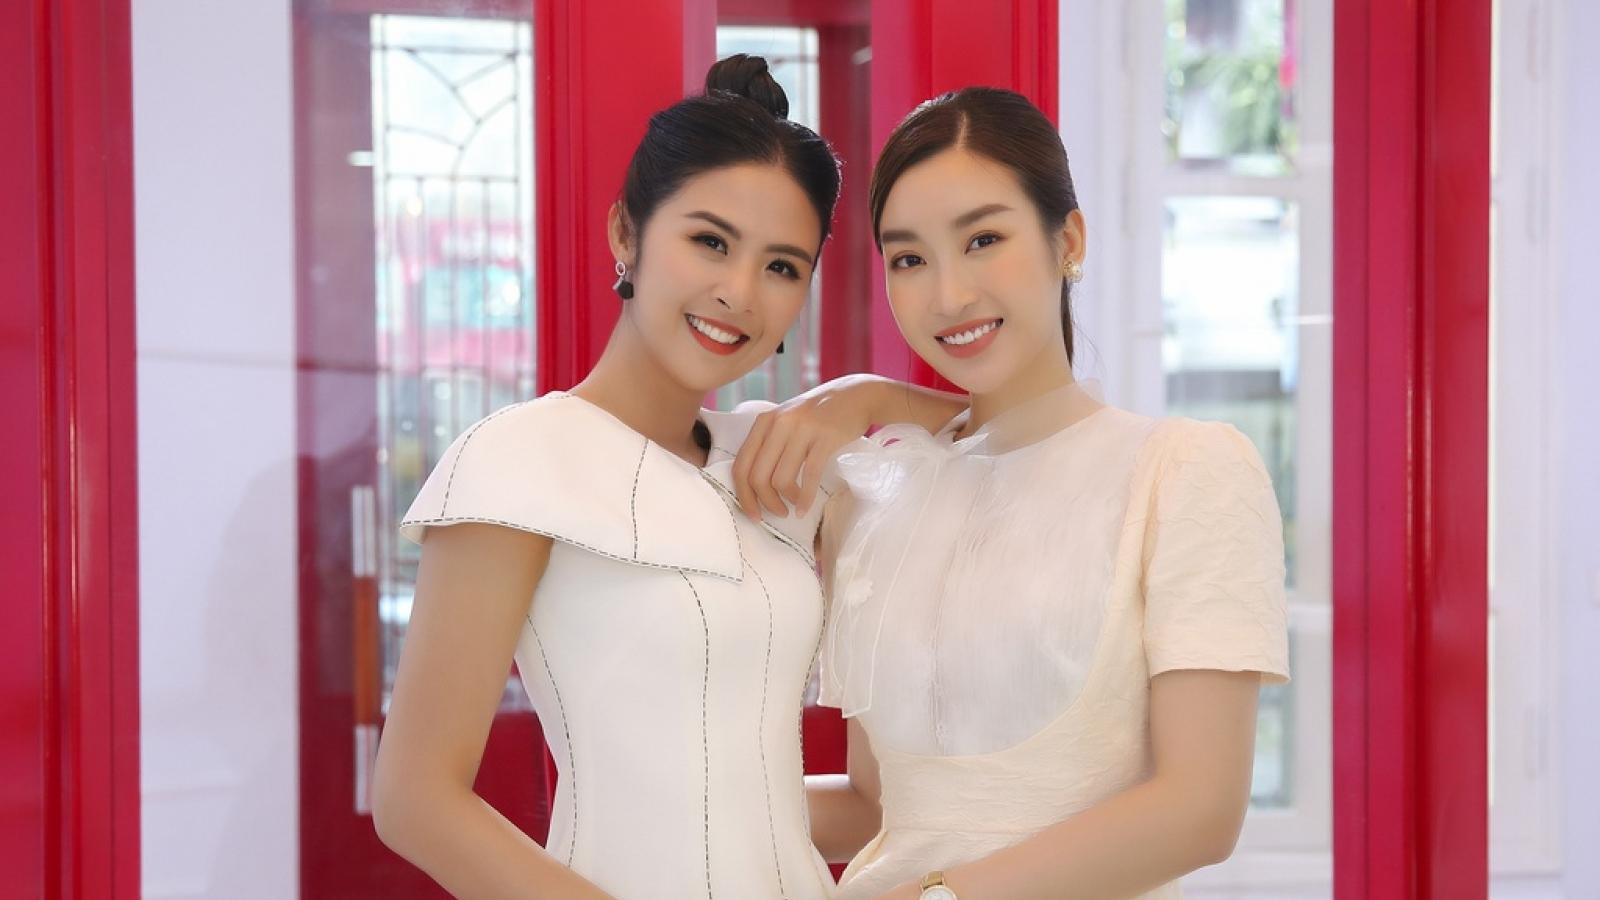 Chuyện showbiz: Hoa hậu Đỗ Mỹ Linh làm phù dâu trong lễ cưới Ngọc Hân